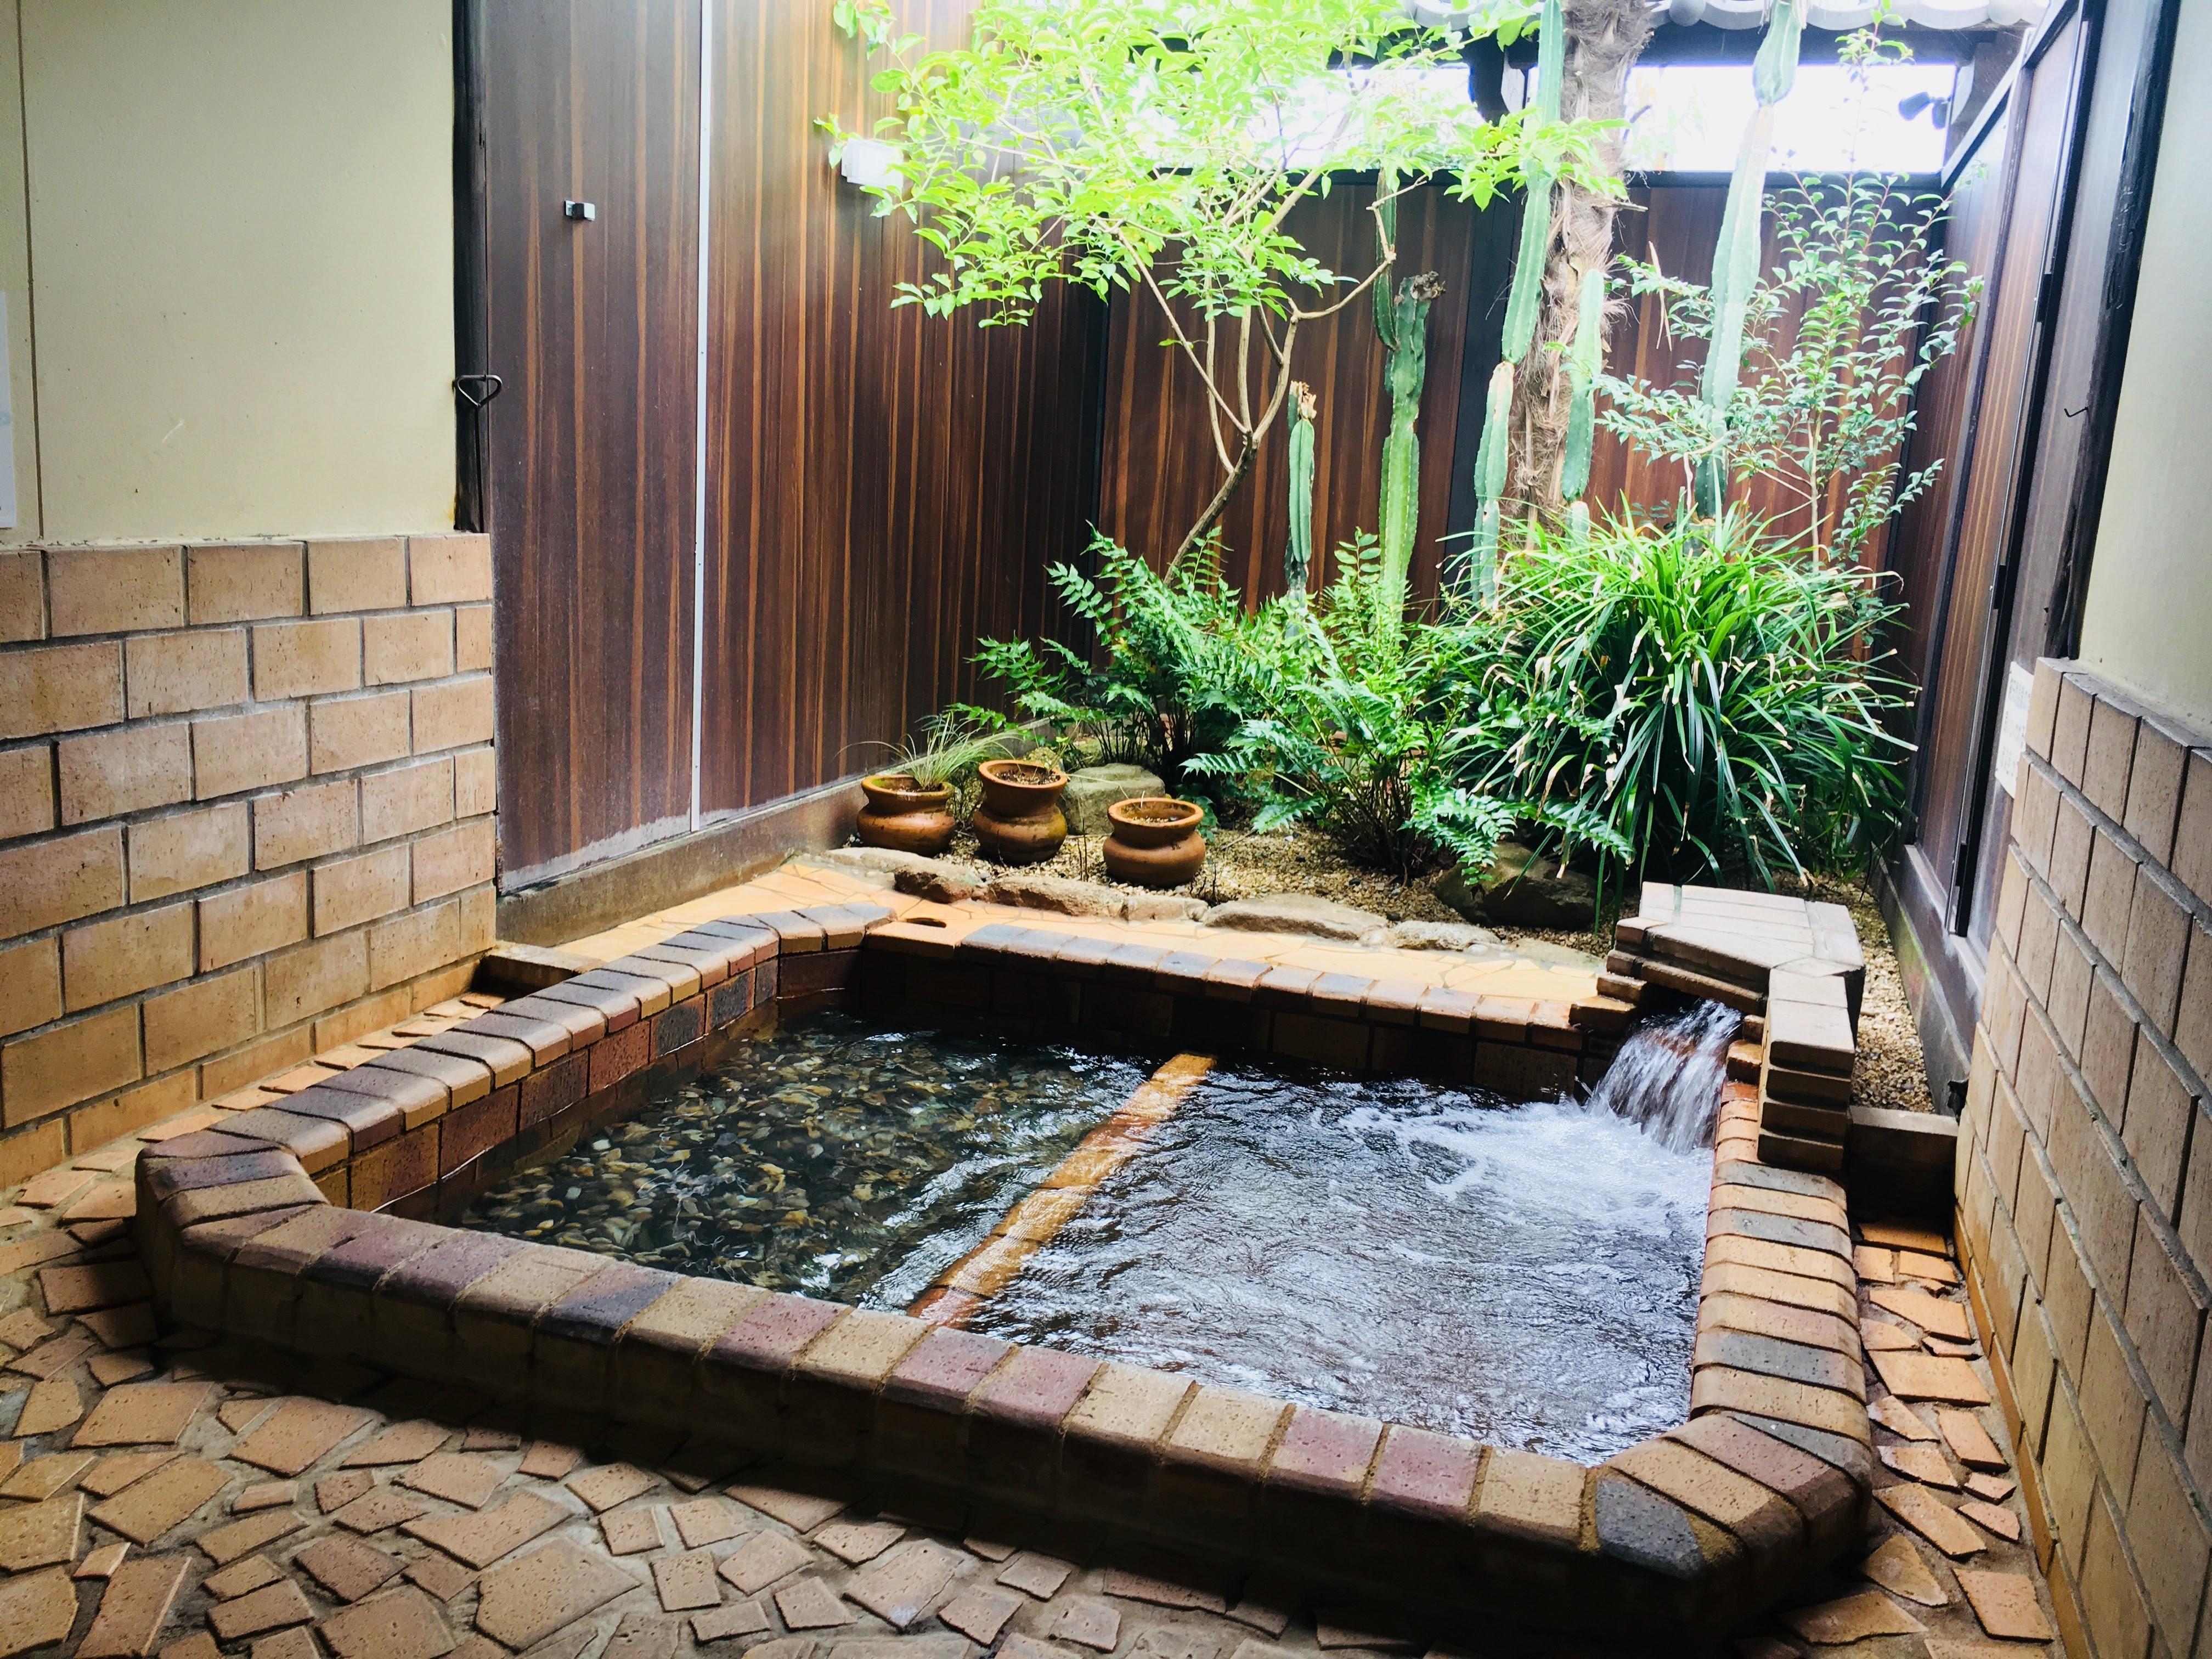 【温泉邸 湯~庵】植木温泉の17種類から選べる充実の家族湯